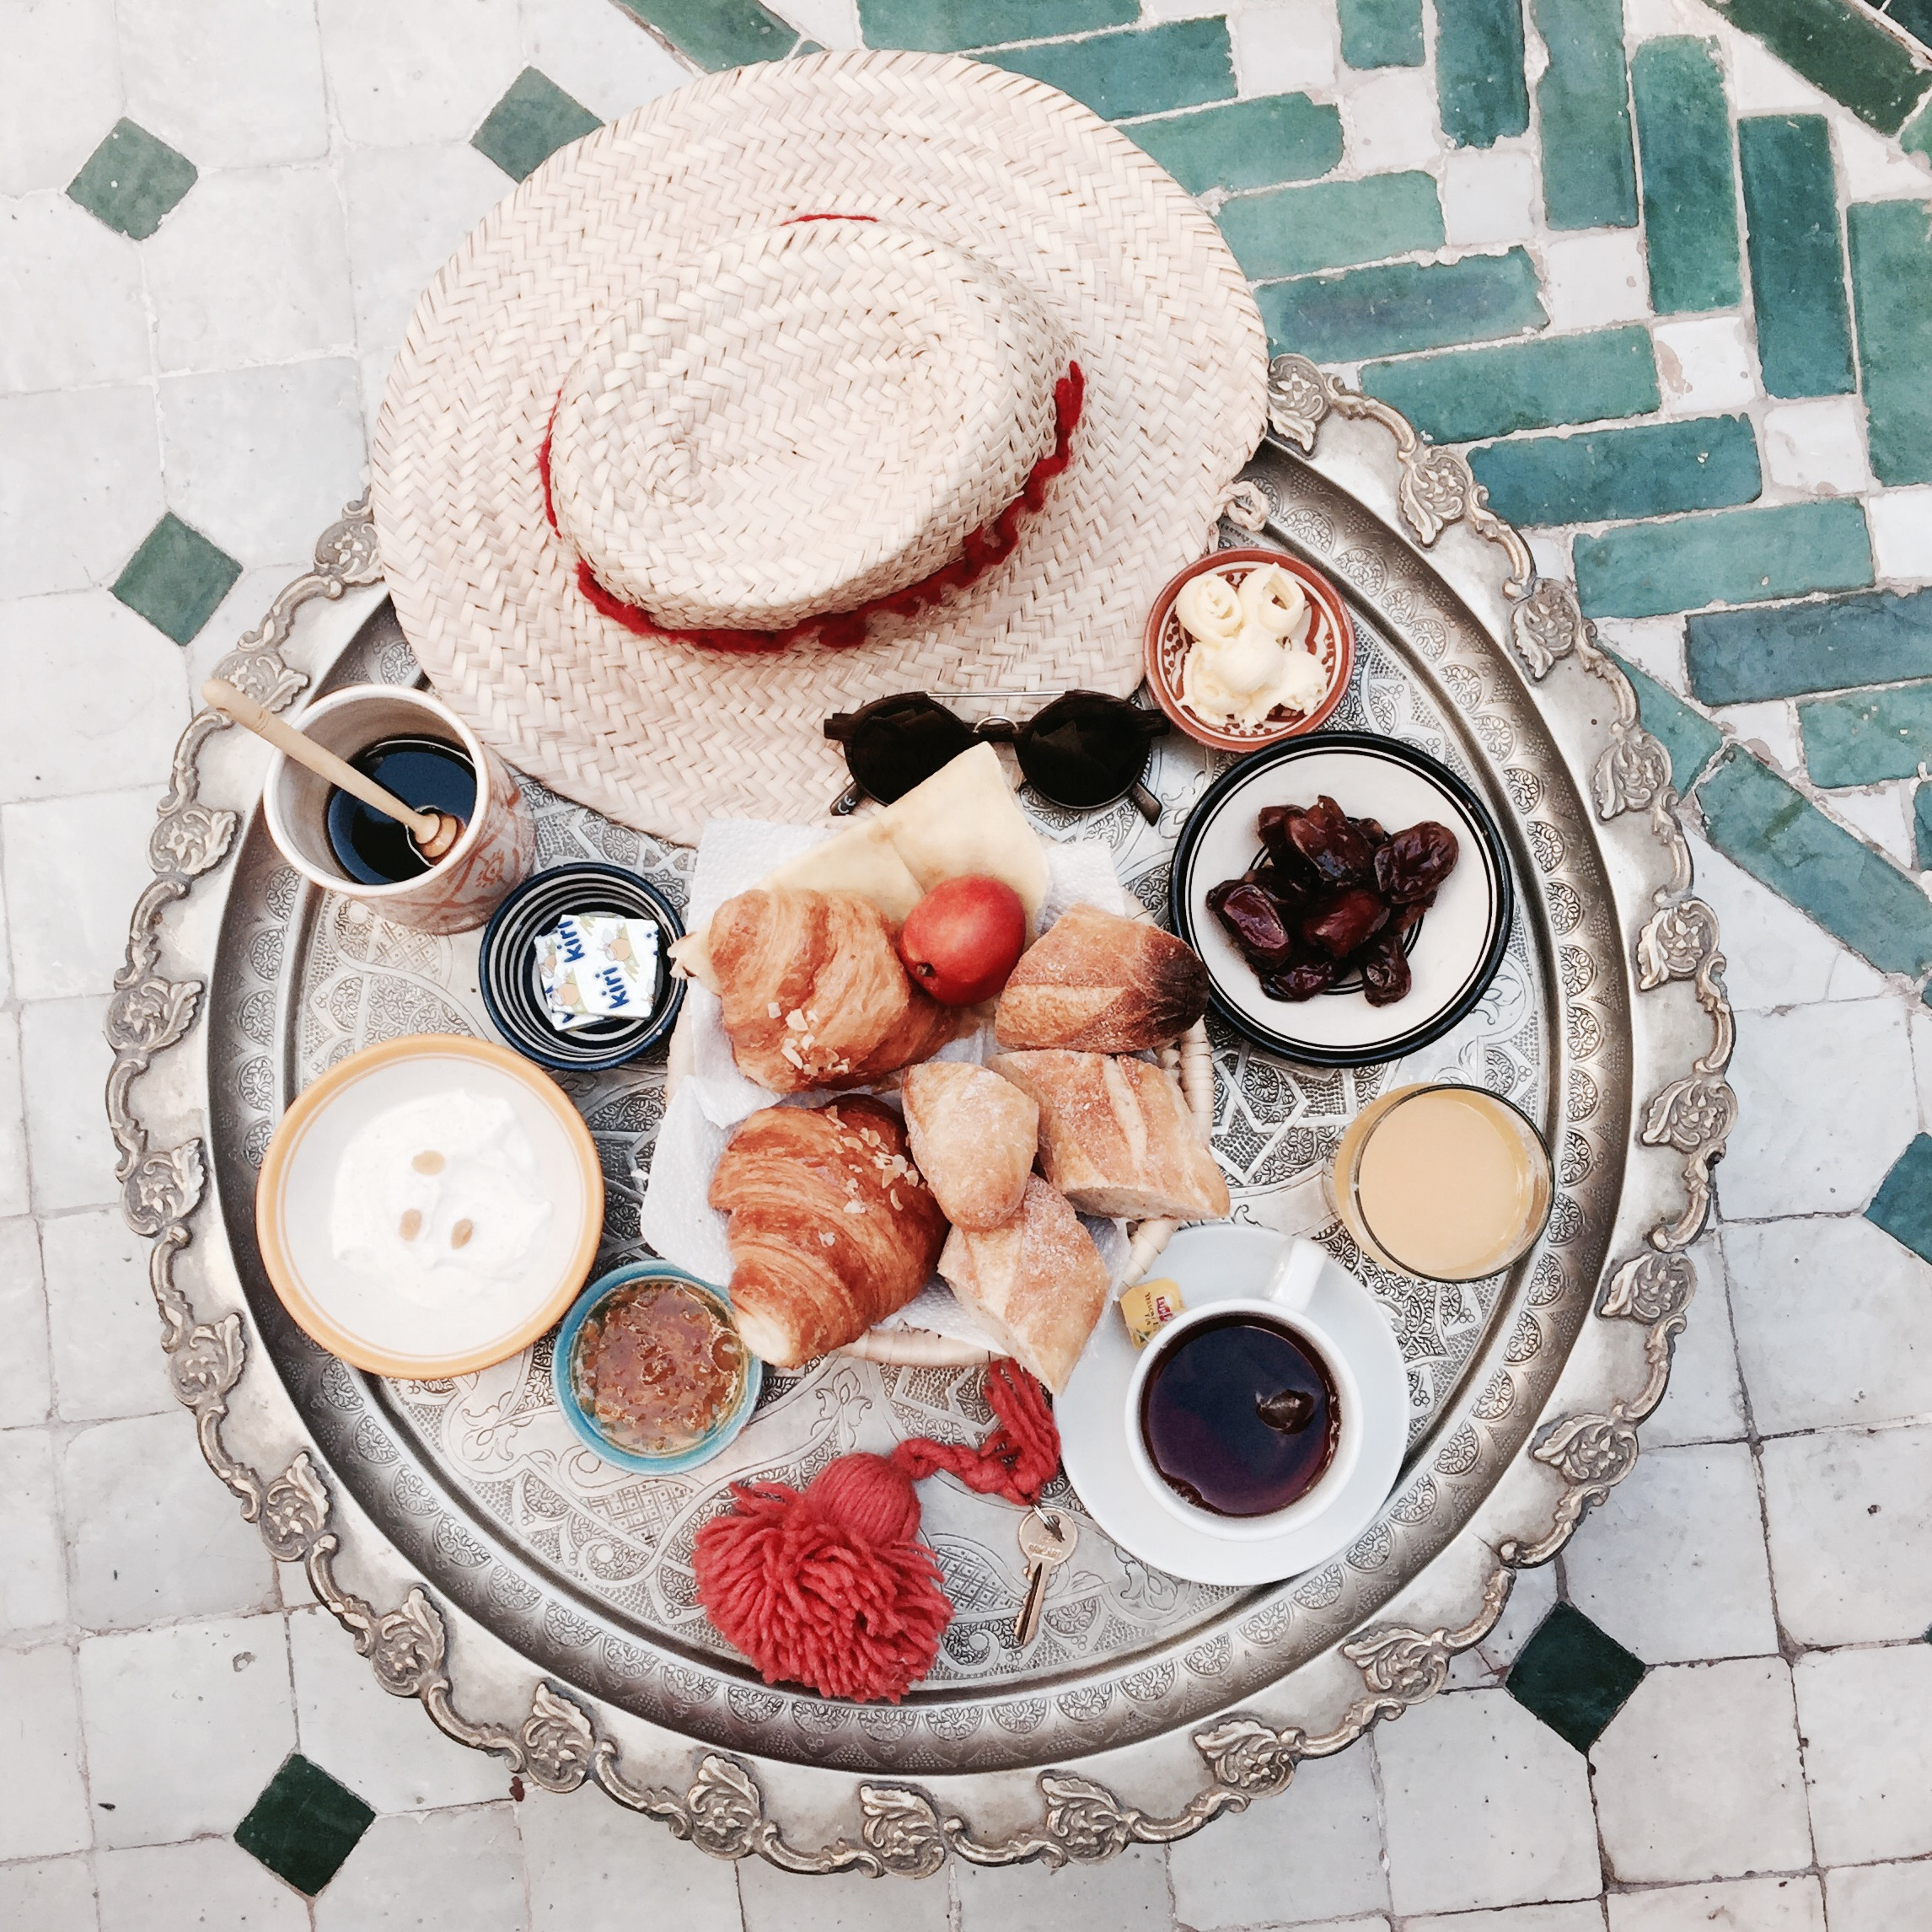 Marrakech Breakfast Le riad yasmine hotel marrakech